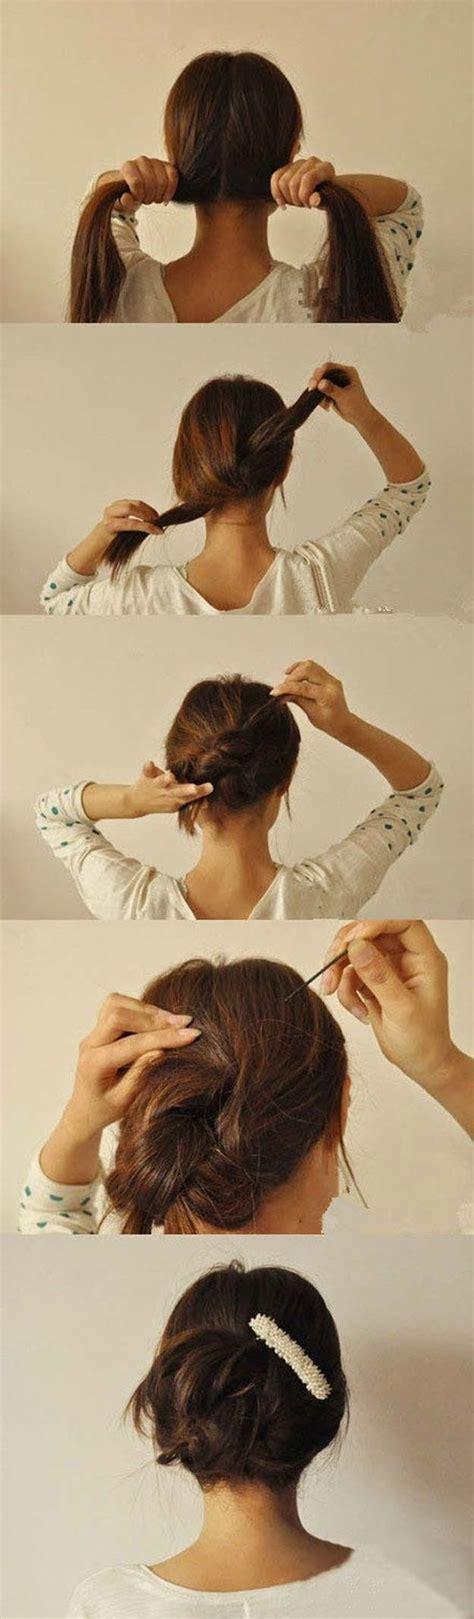 easy diy hairstyles for long hair 36 best hairstyles for long hair diy projects for teens